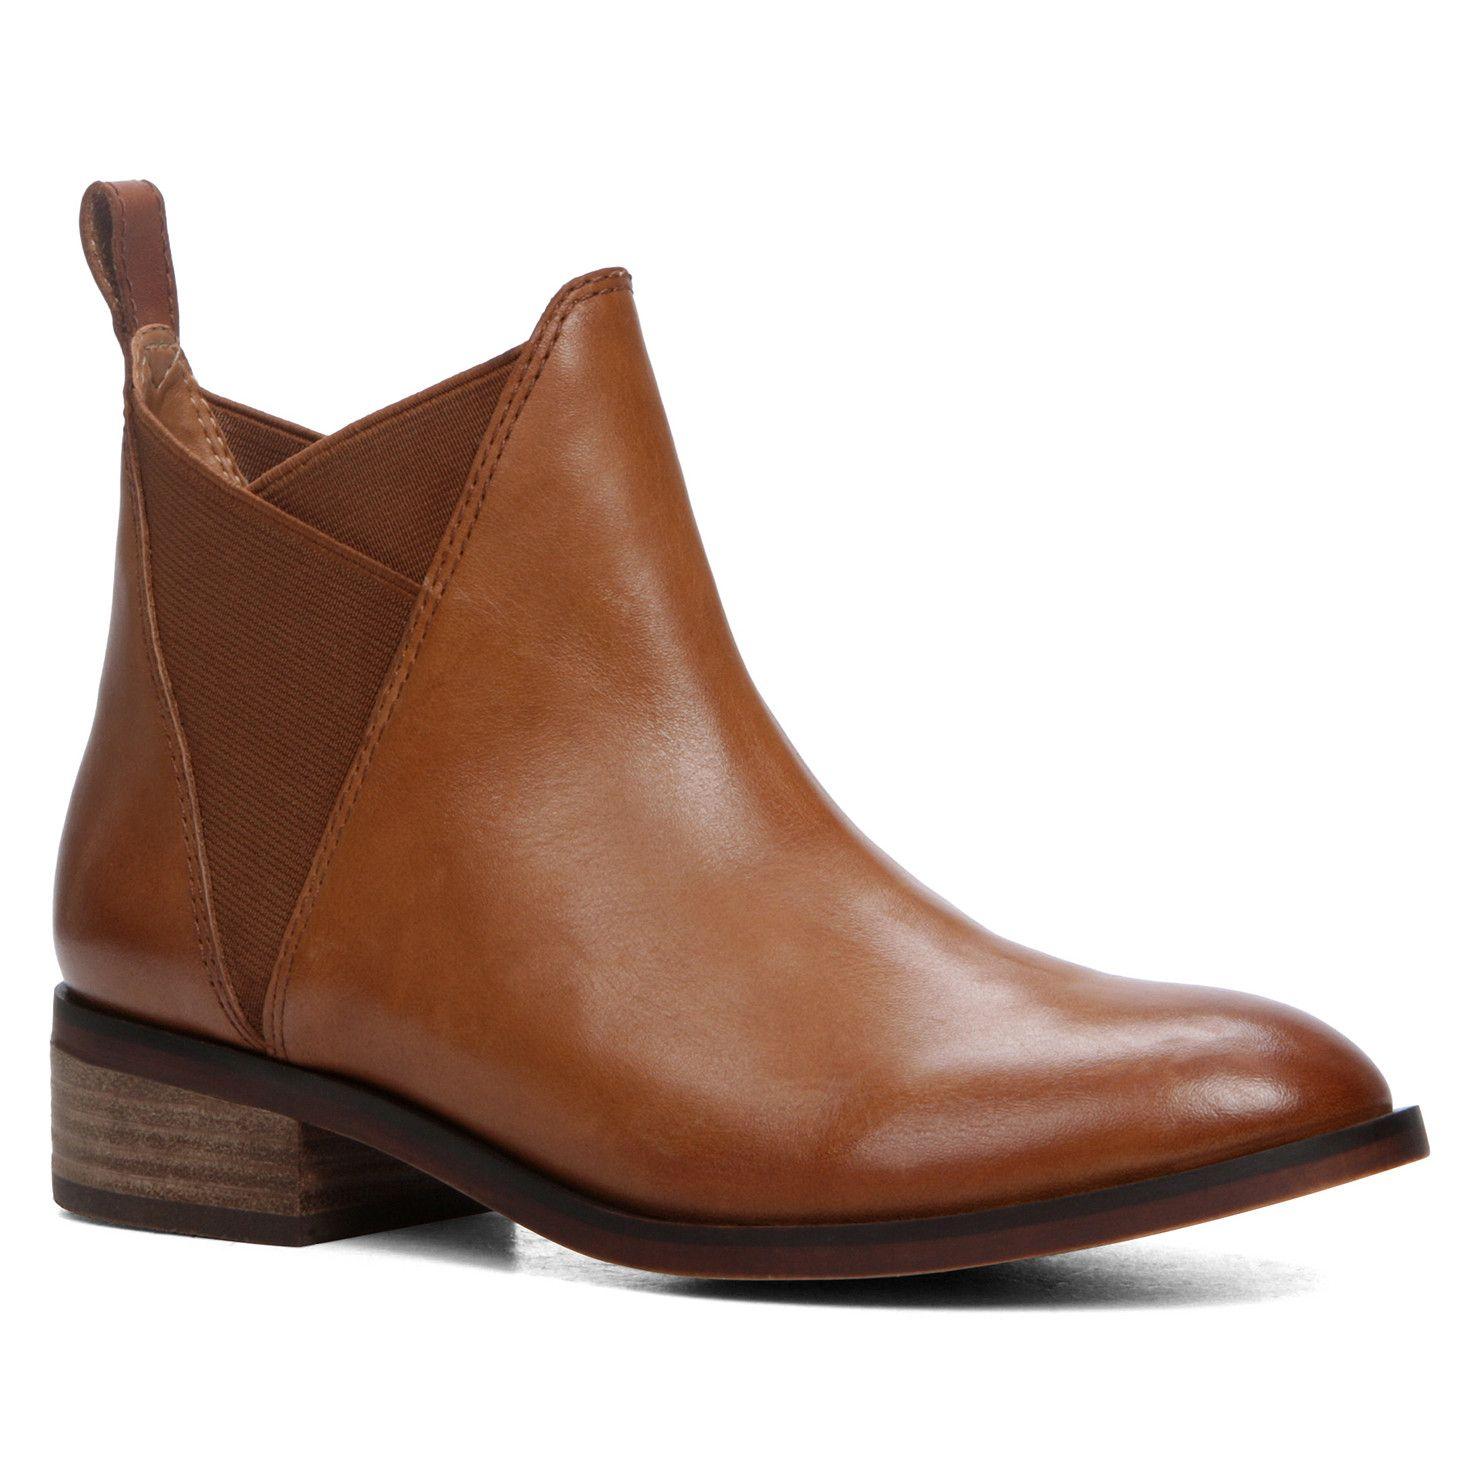 aldo shoes boots